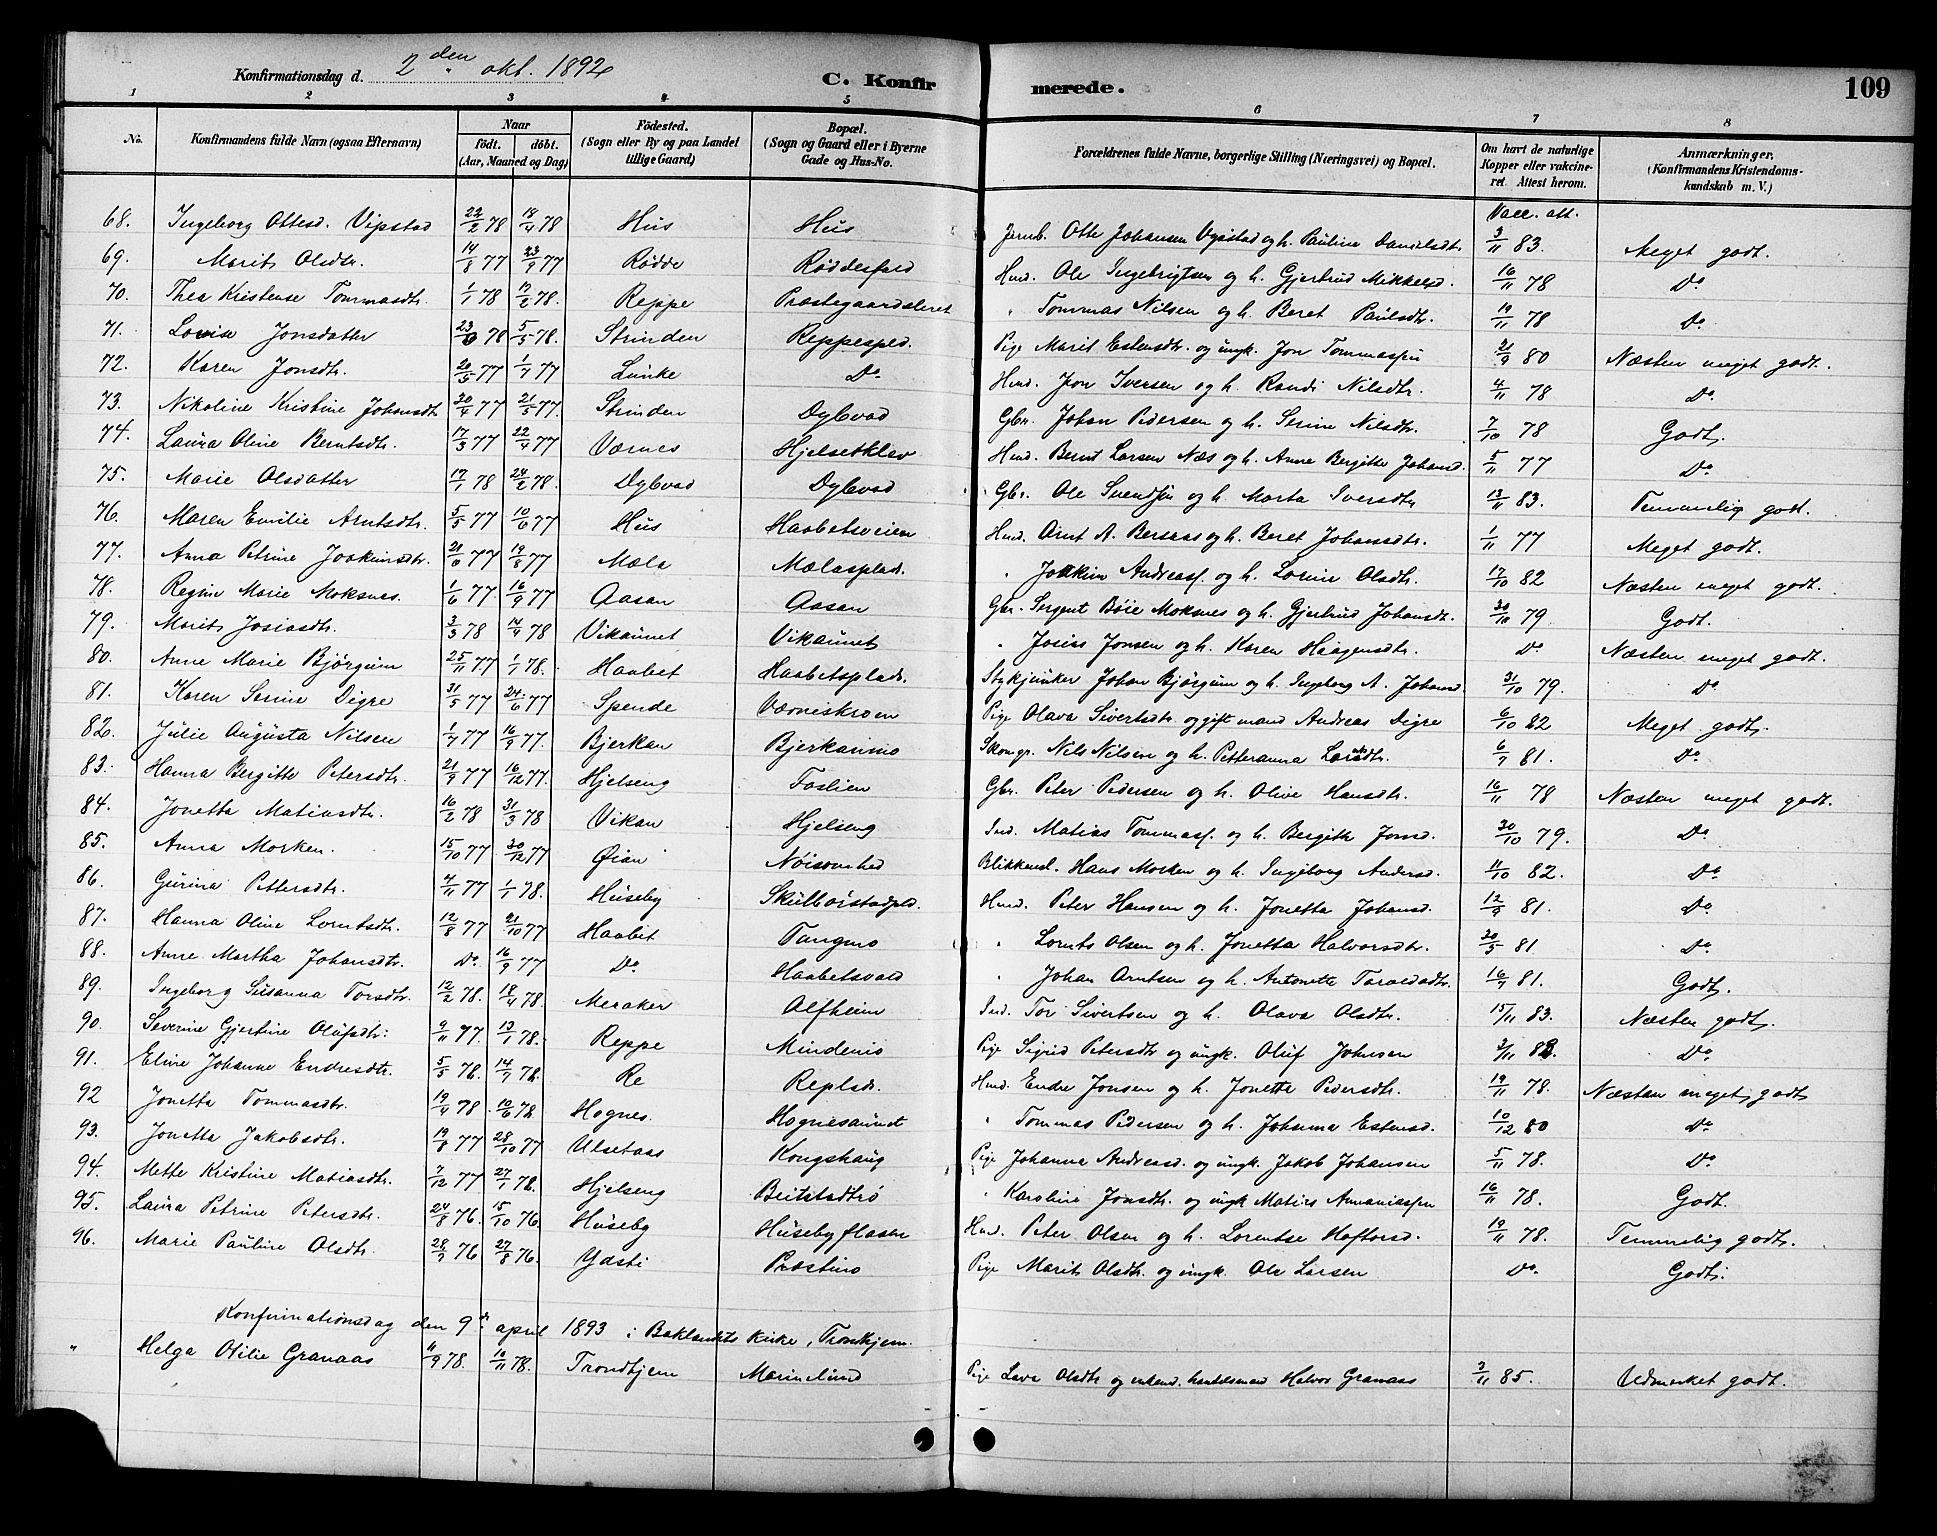 SAT, Ministerialprotokoller, klokkerbøker og fødselsregistre - Nord-Trøndelag, 709/L0087: Klokkerbok nr. 709C01, 1892-1913, s. 109